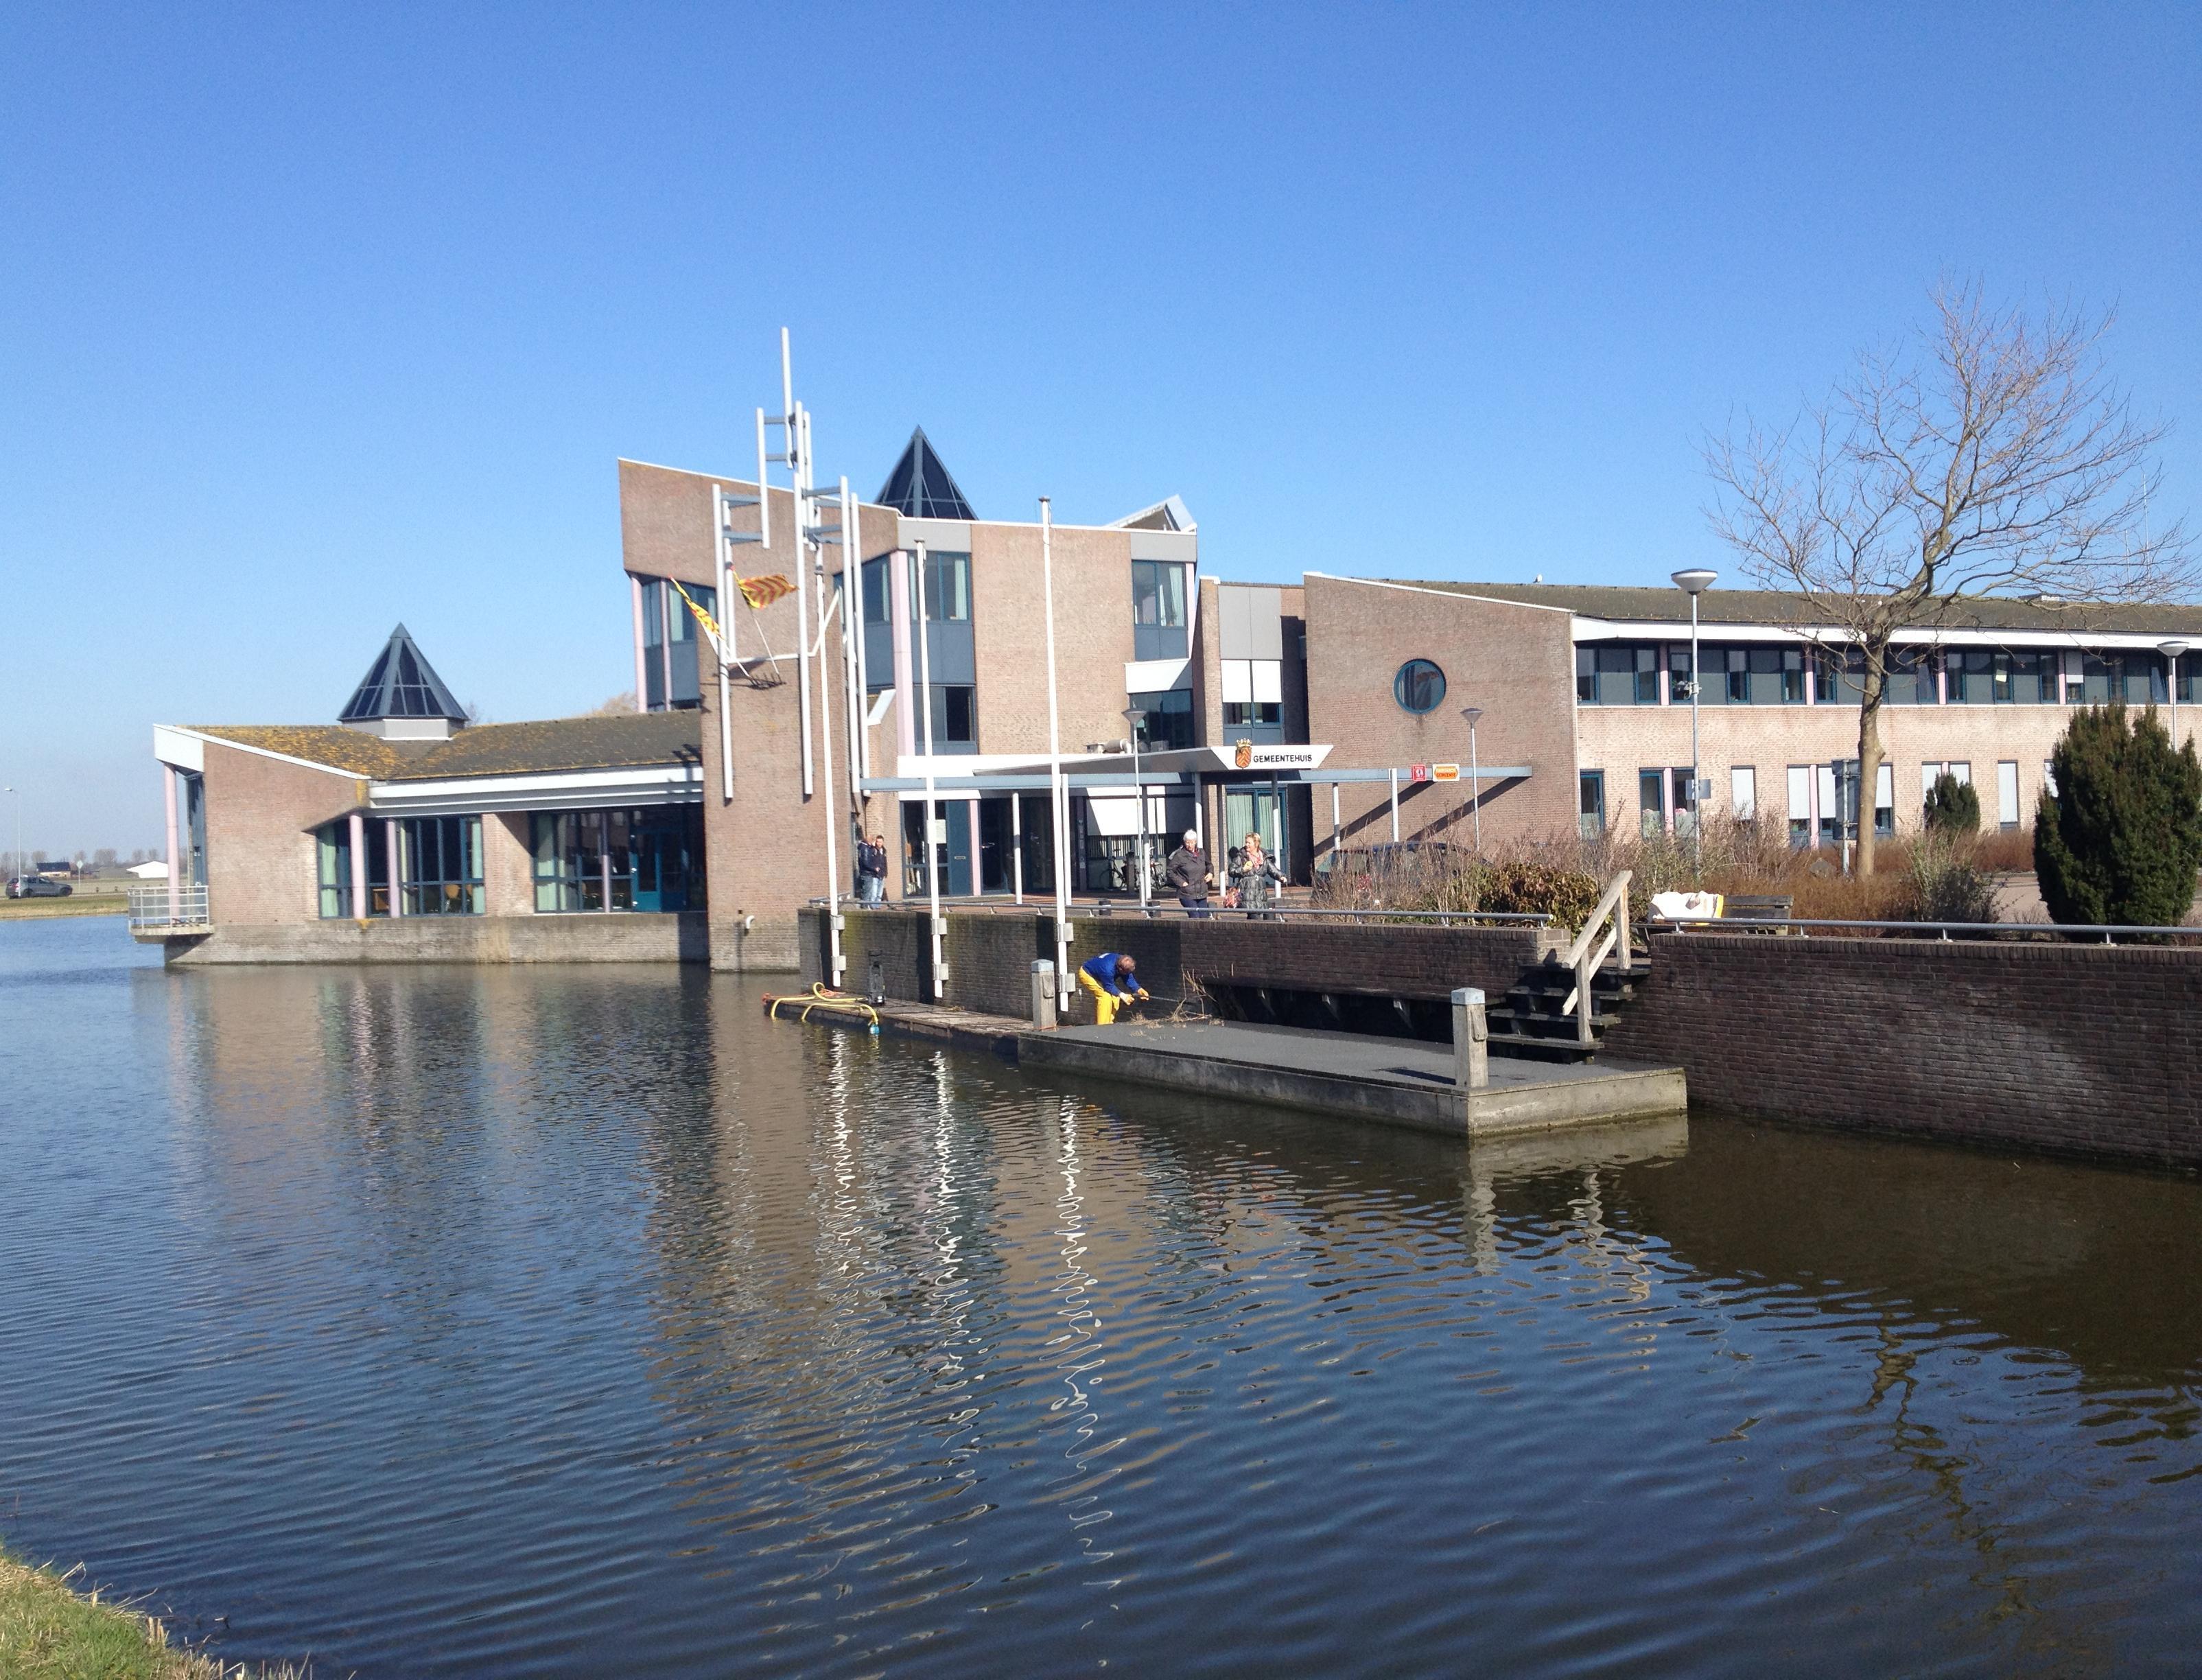 Langedijk wil bouwen in de Oostrand. 'We kunnen niet 1300 woningen binnenstedelijk bouwen. Dan moeten we de hoogte in en dat past niet bij Langedijk'